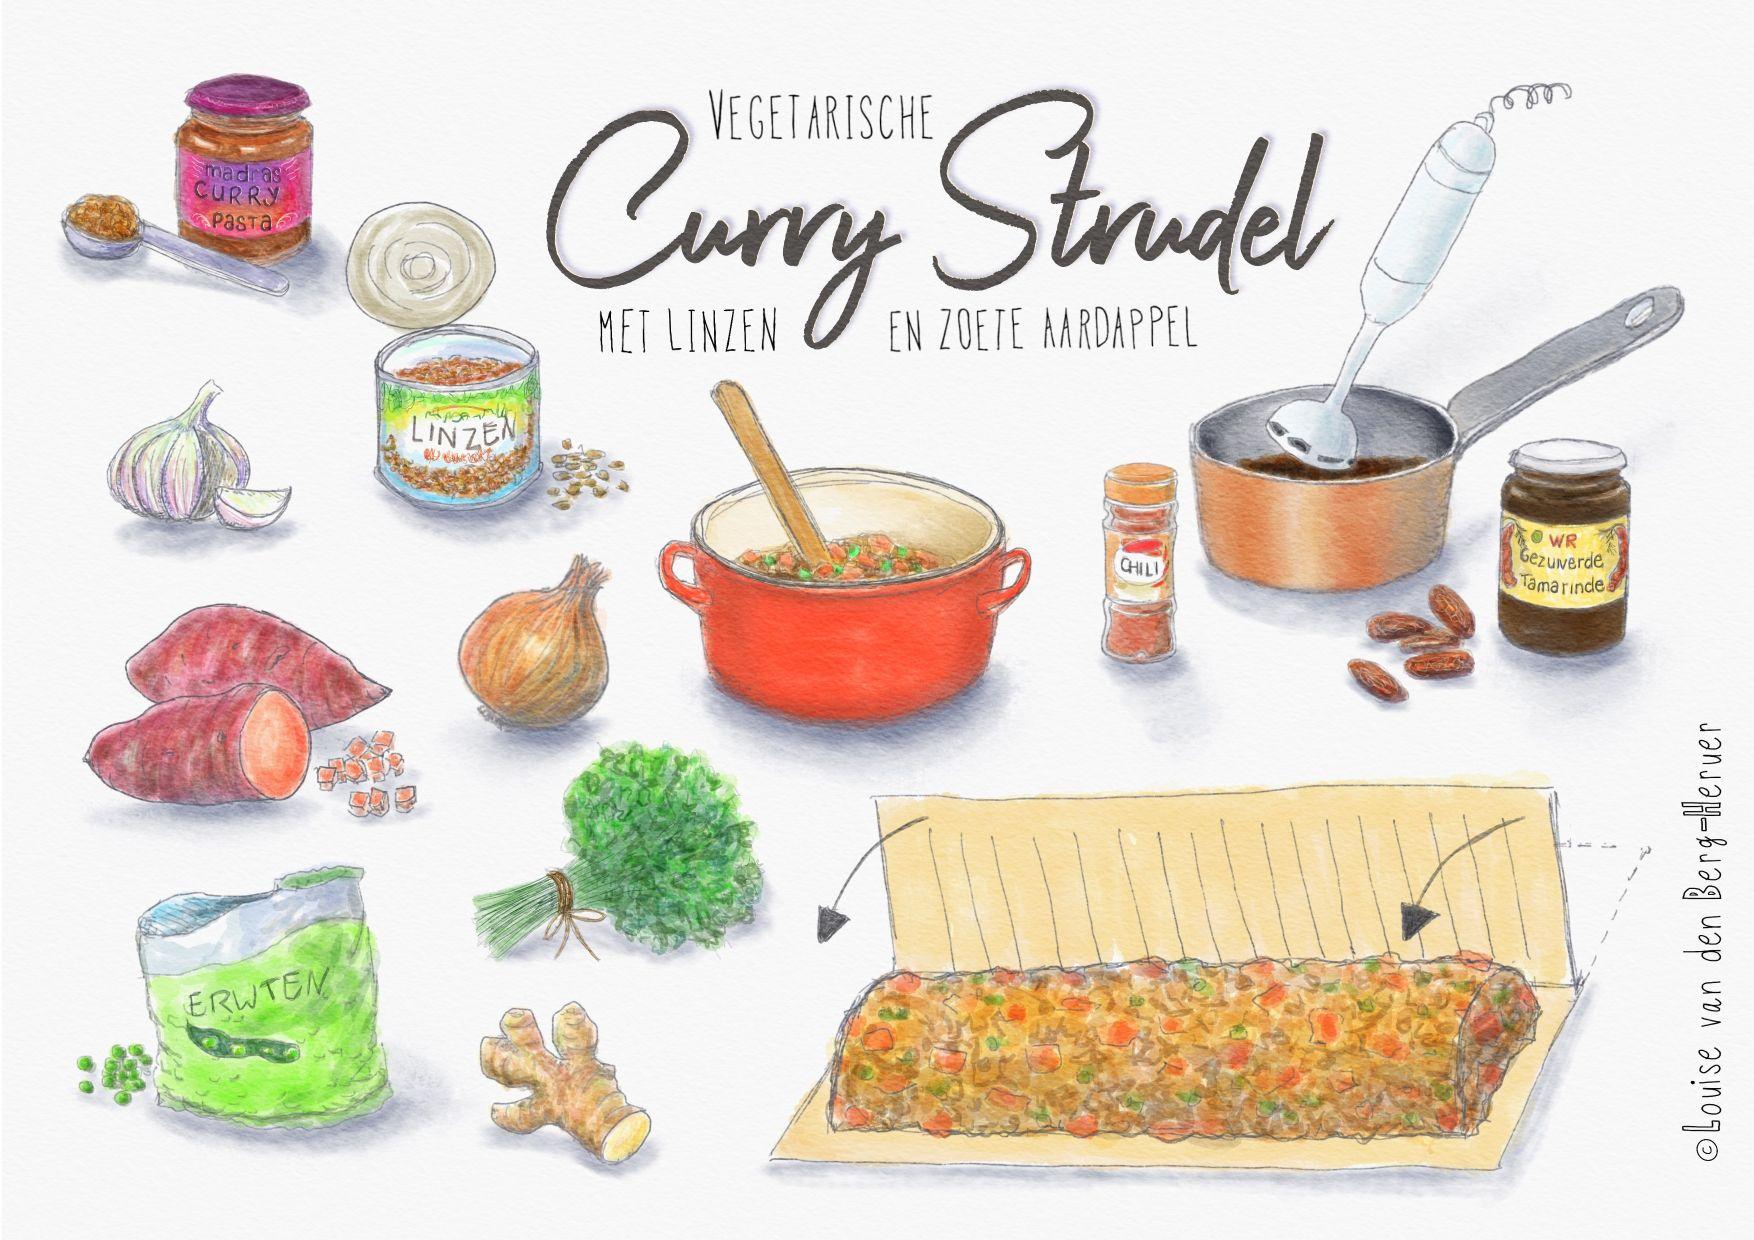 illustratie curry strudel KeukenAtelier.com